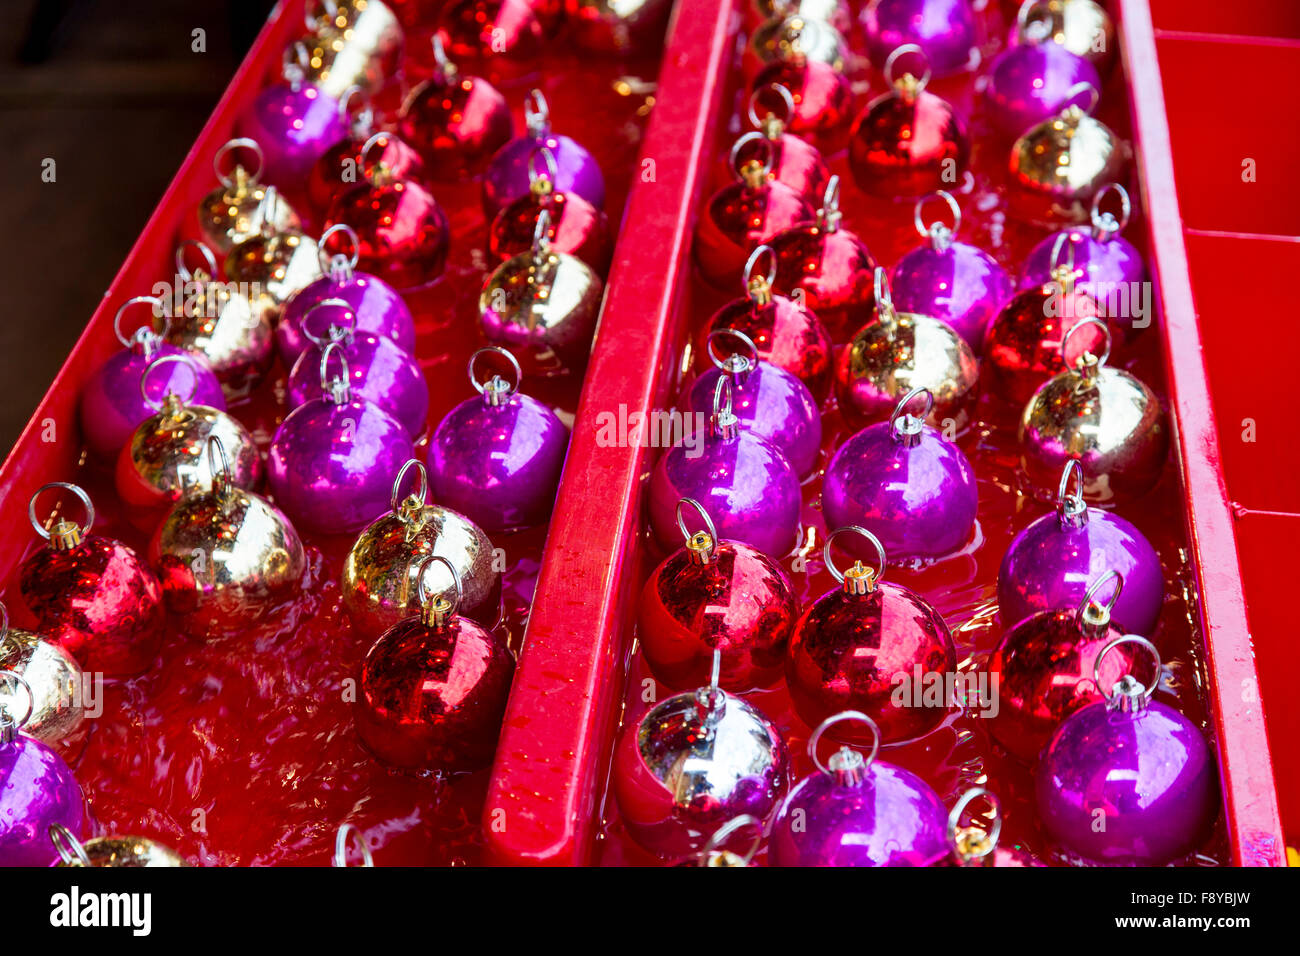 Weihnachtszeit in Brüssel, Belgien, Weihnachtsmärkte und Beleuchtung in der Altstadt, Stockfoto